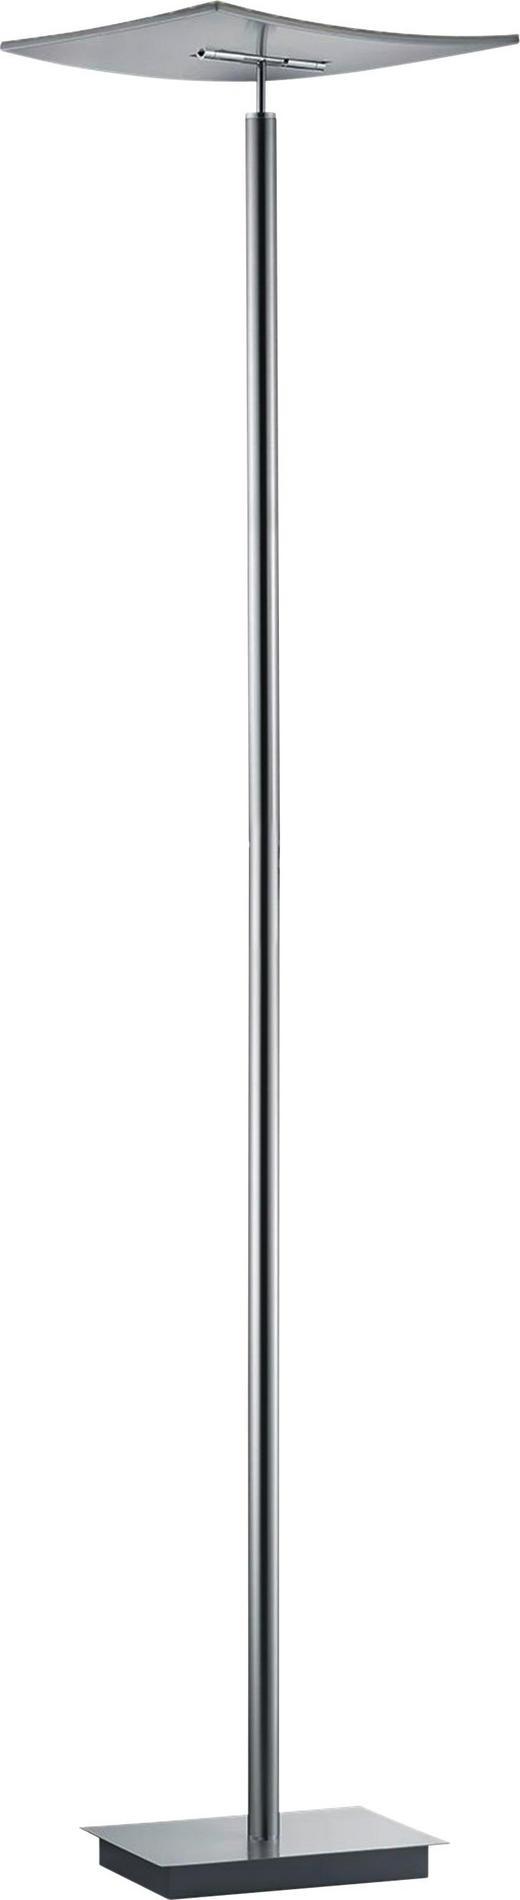 LED-STEHLEUCHTE - Chromfarben/Nickelfarben, LIFESTYLE, Kunststoff/Metall (182cm)